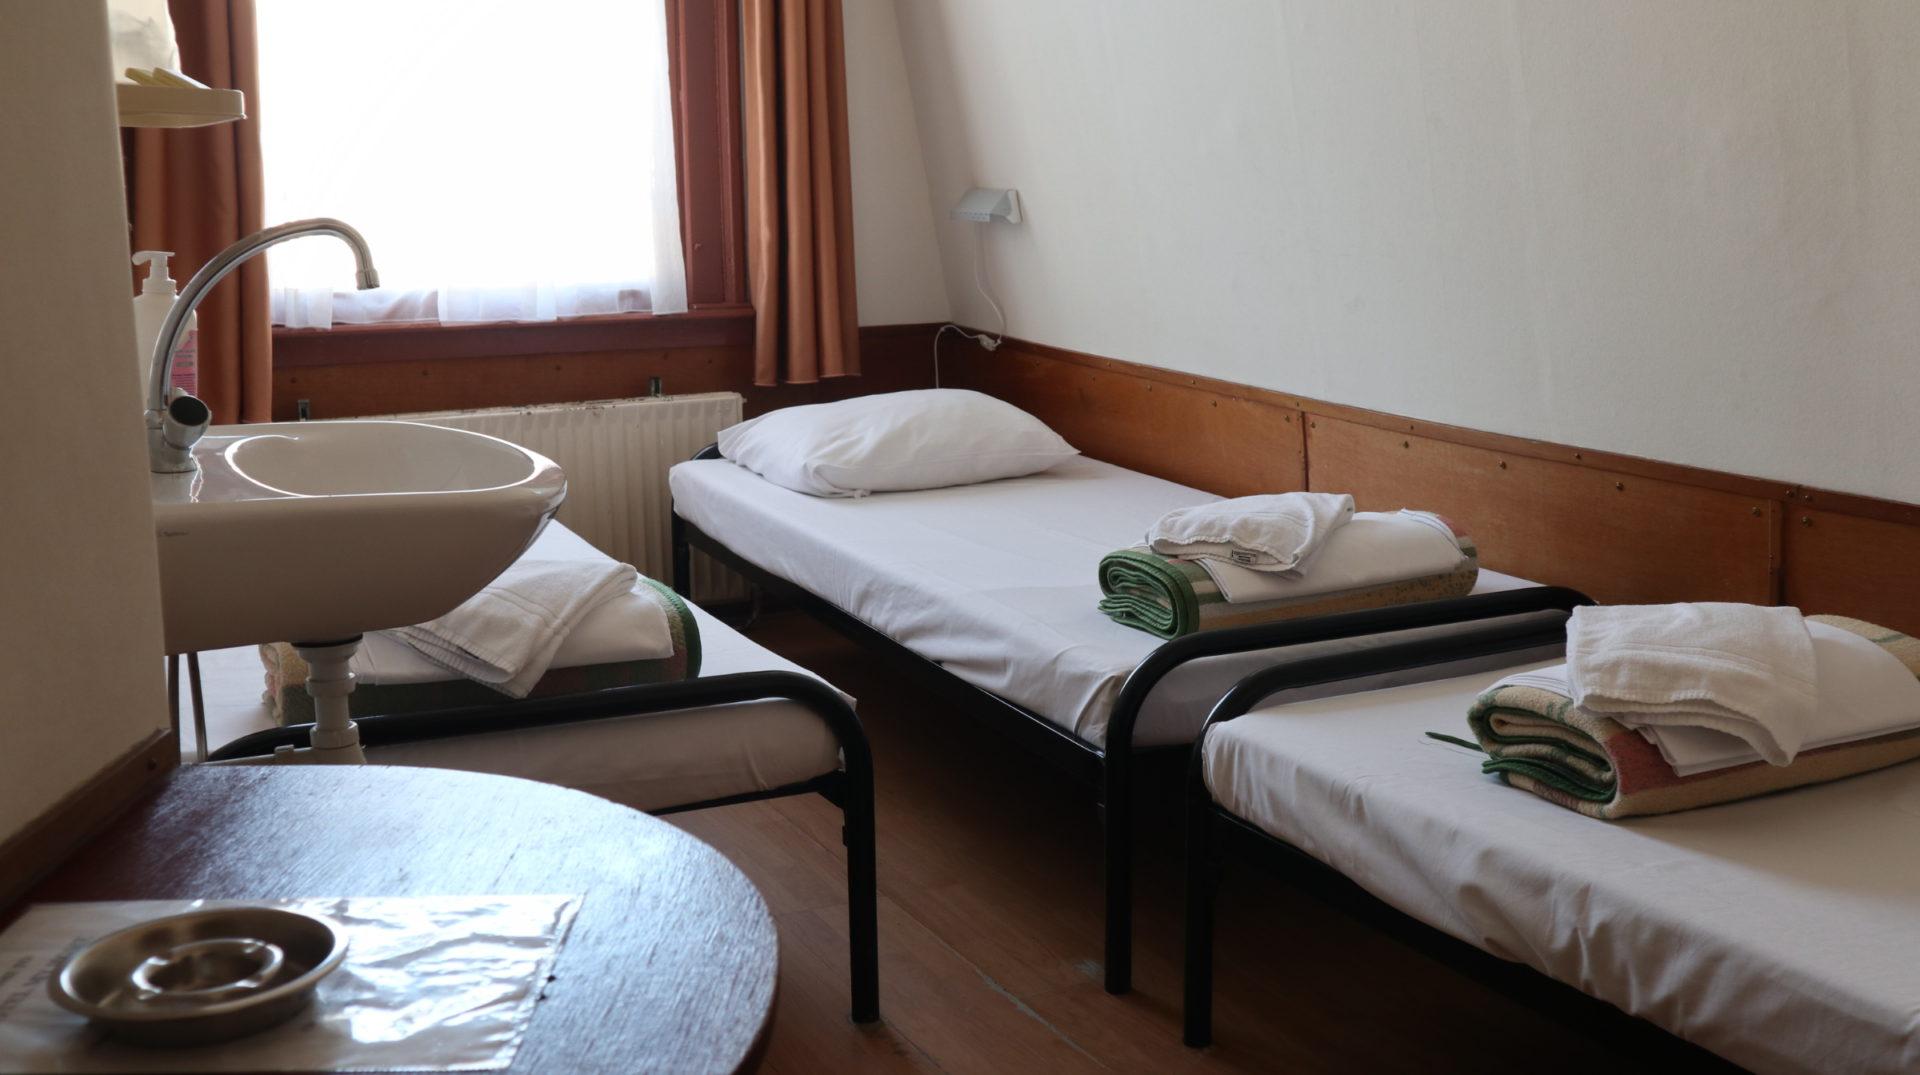 Amsterdam Budget hotel - triple room